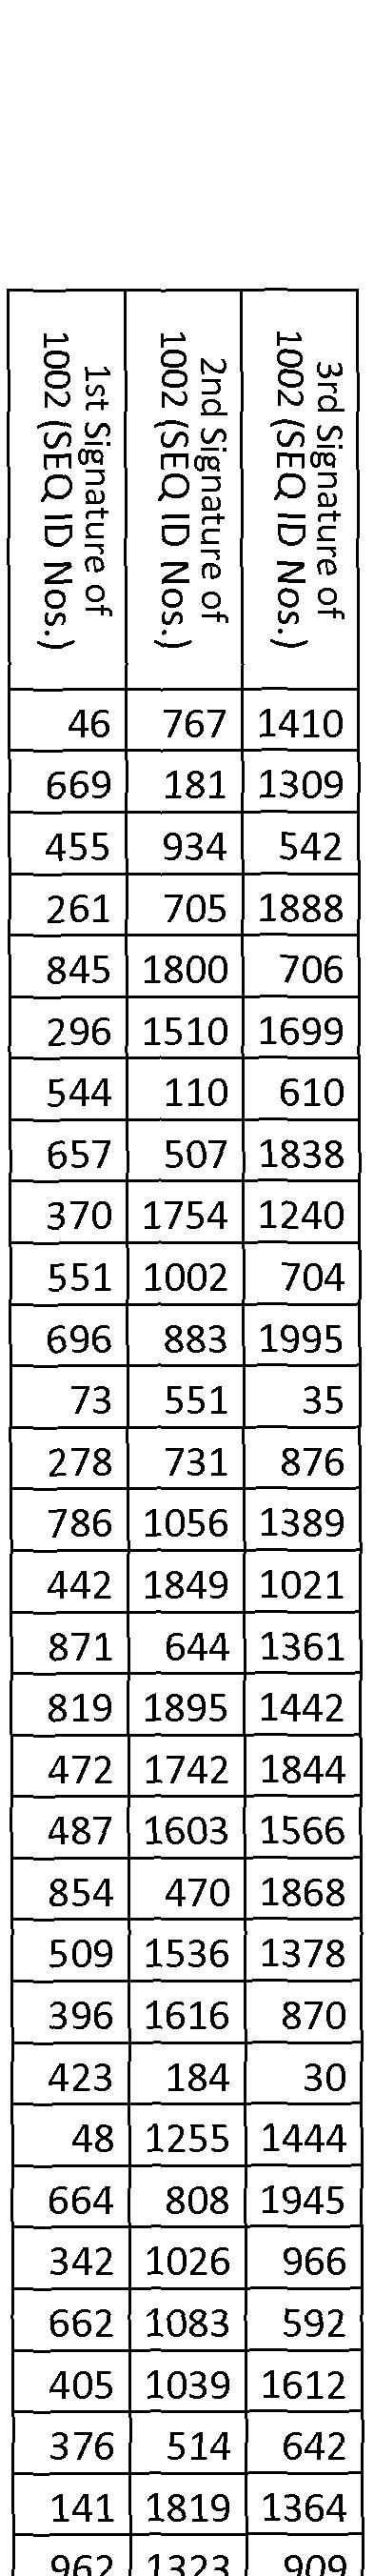 Figure imgf000130_0004